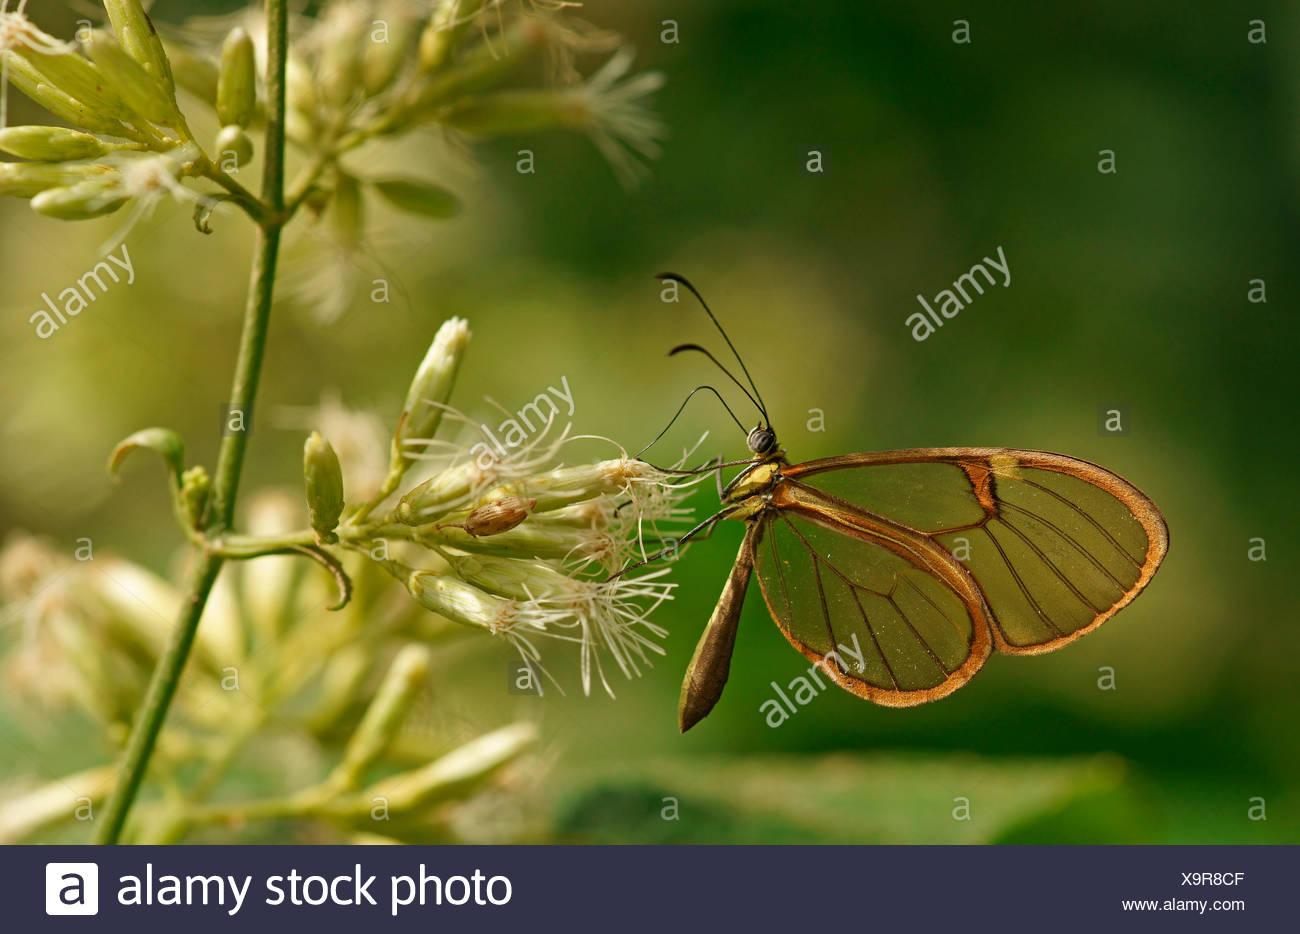 Clearwing, mariposas (Hypoleria lavinia), el Parque Nacional de Iguazú, Paraná, Brasil Imagen De Stock